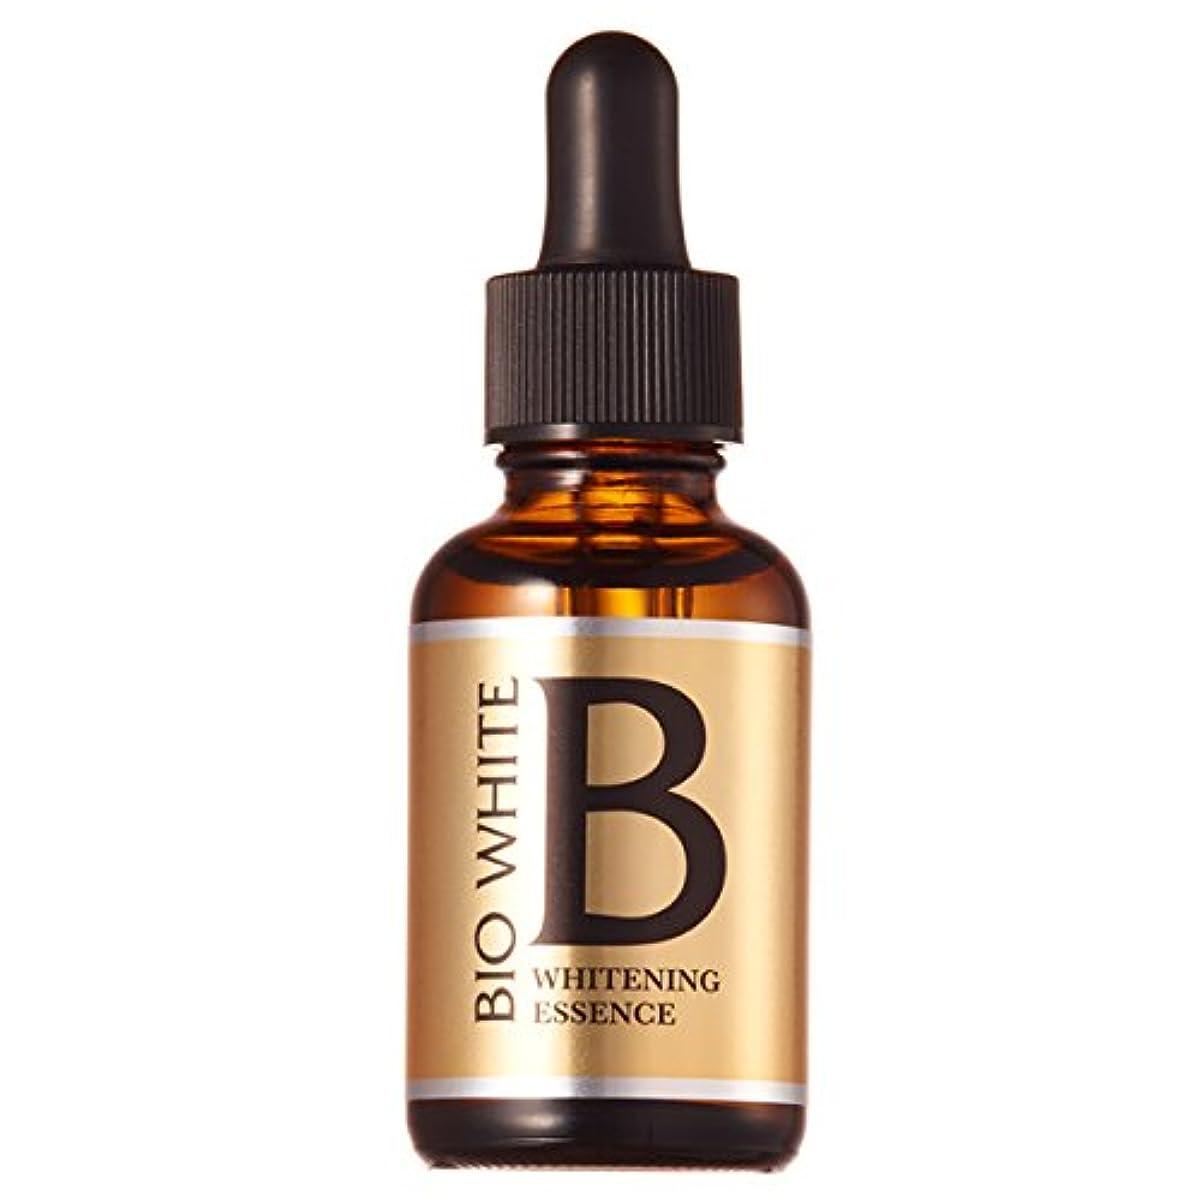 コーンストレスの多い実施するエビス化粧品(EBiS)しみ対策 美容液 エビスビーホワイト33ml トラネキサム酸配合 男女兼用 美白美容液